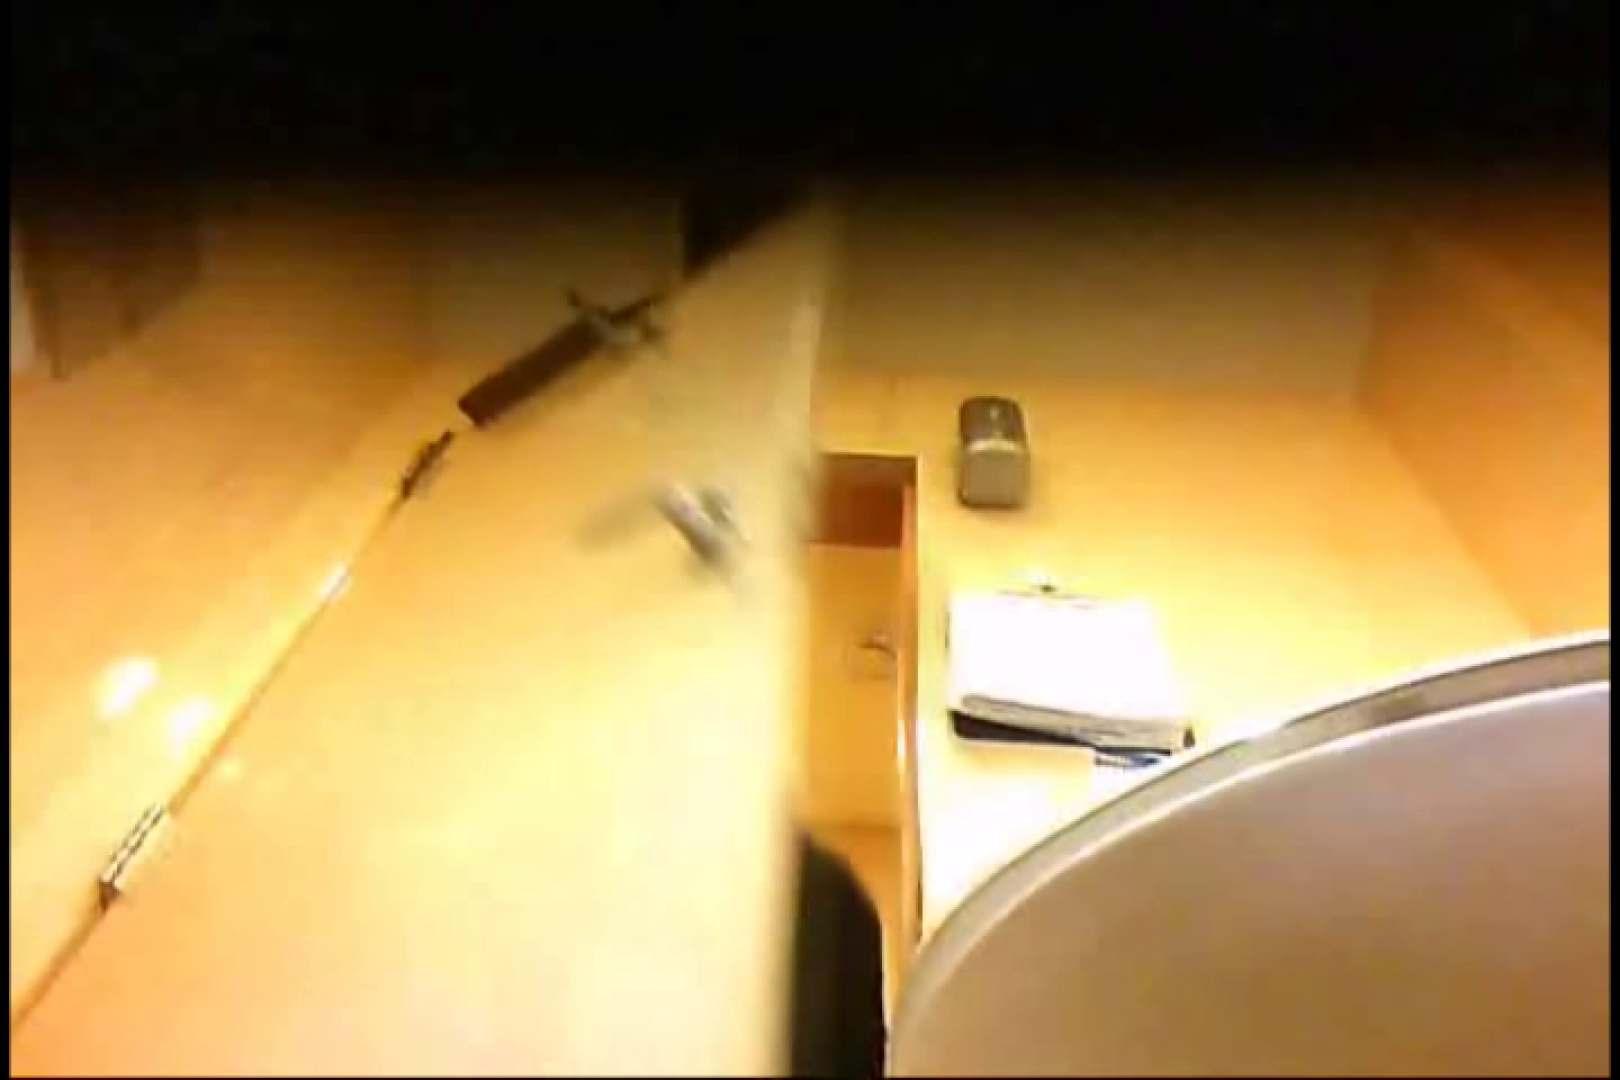 実録!魂の女子化粧室盗撮!!~隠れ潜む特殊カメラ~vo,05 熟女のエロ動画 われめAV動画紹介 79PIX 62